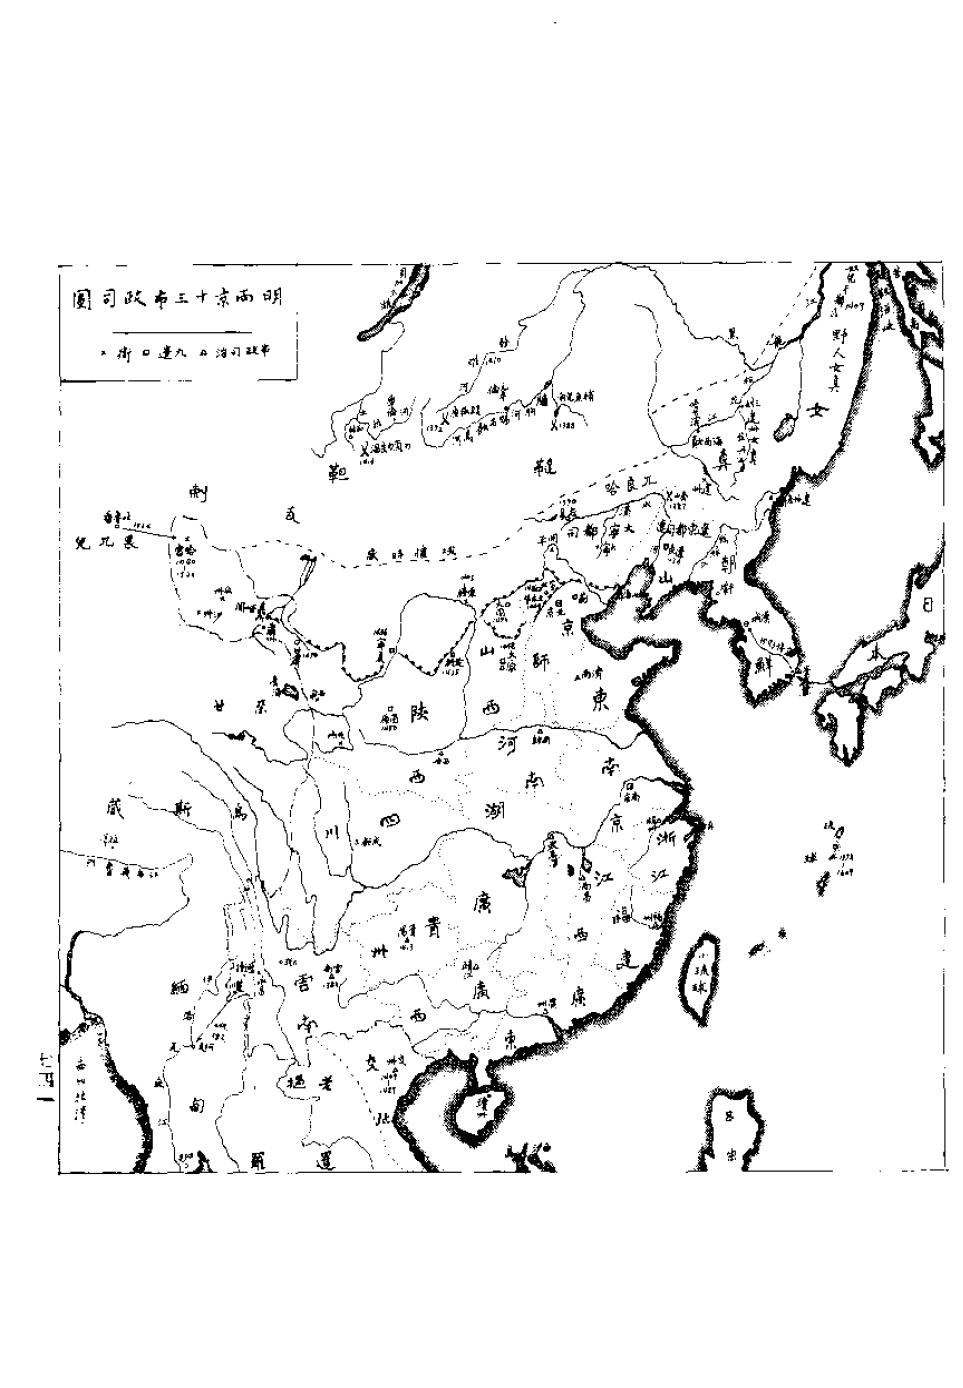 地图 简笔画 手绘 线稿 963_1388 竖版 竖屏